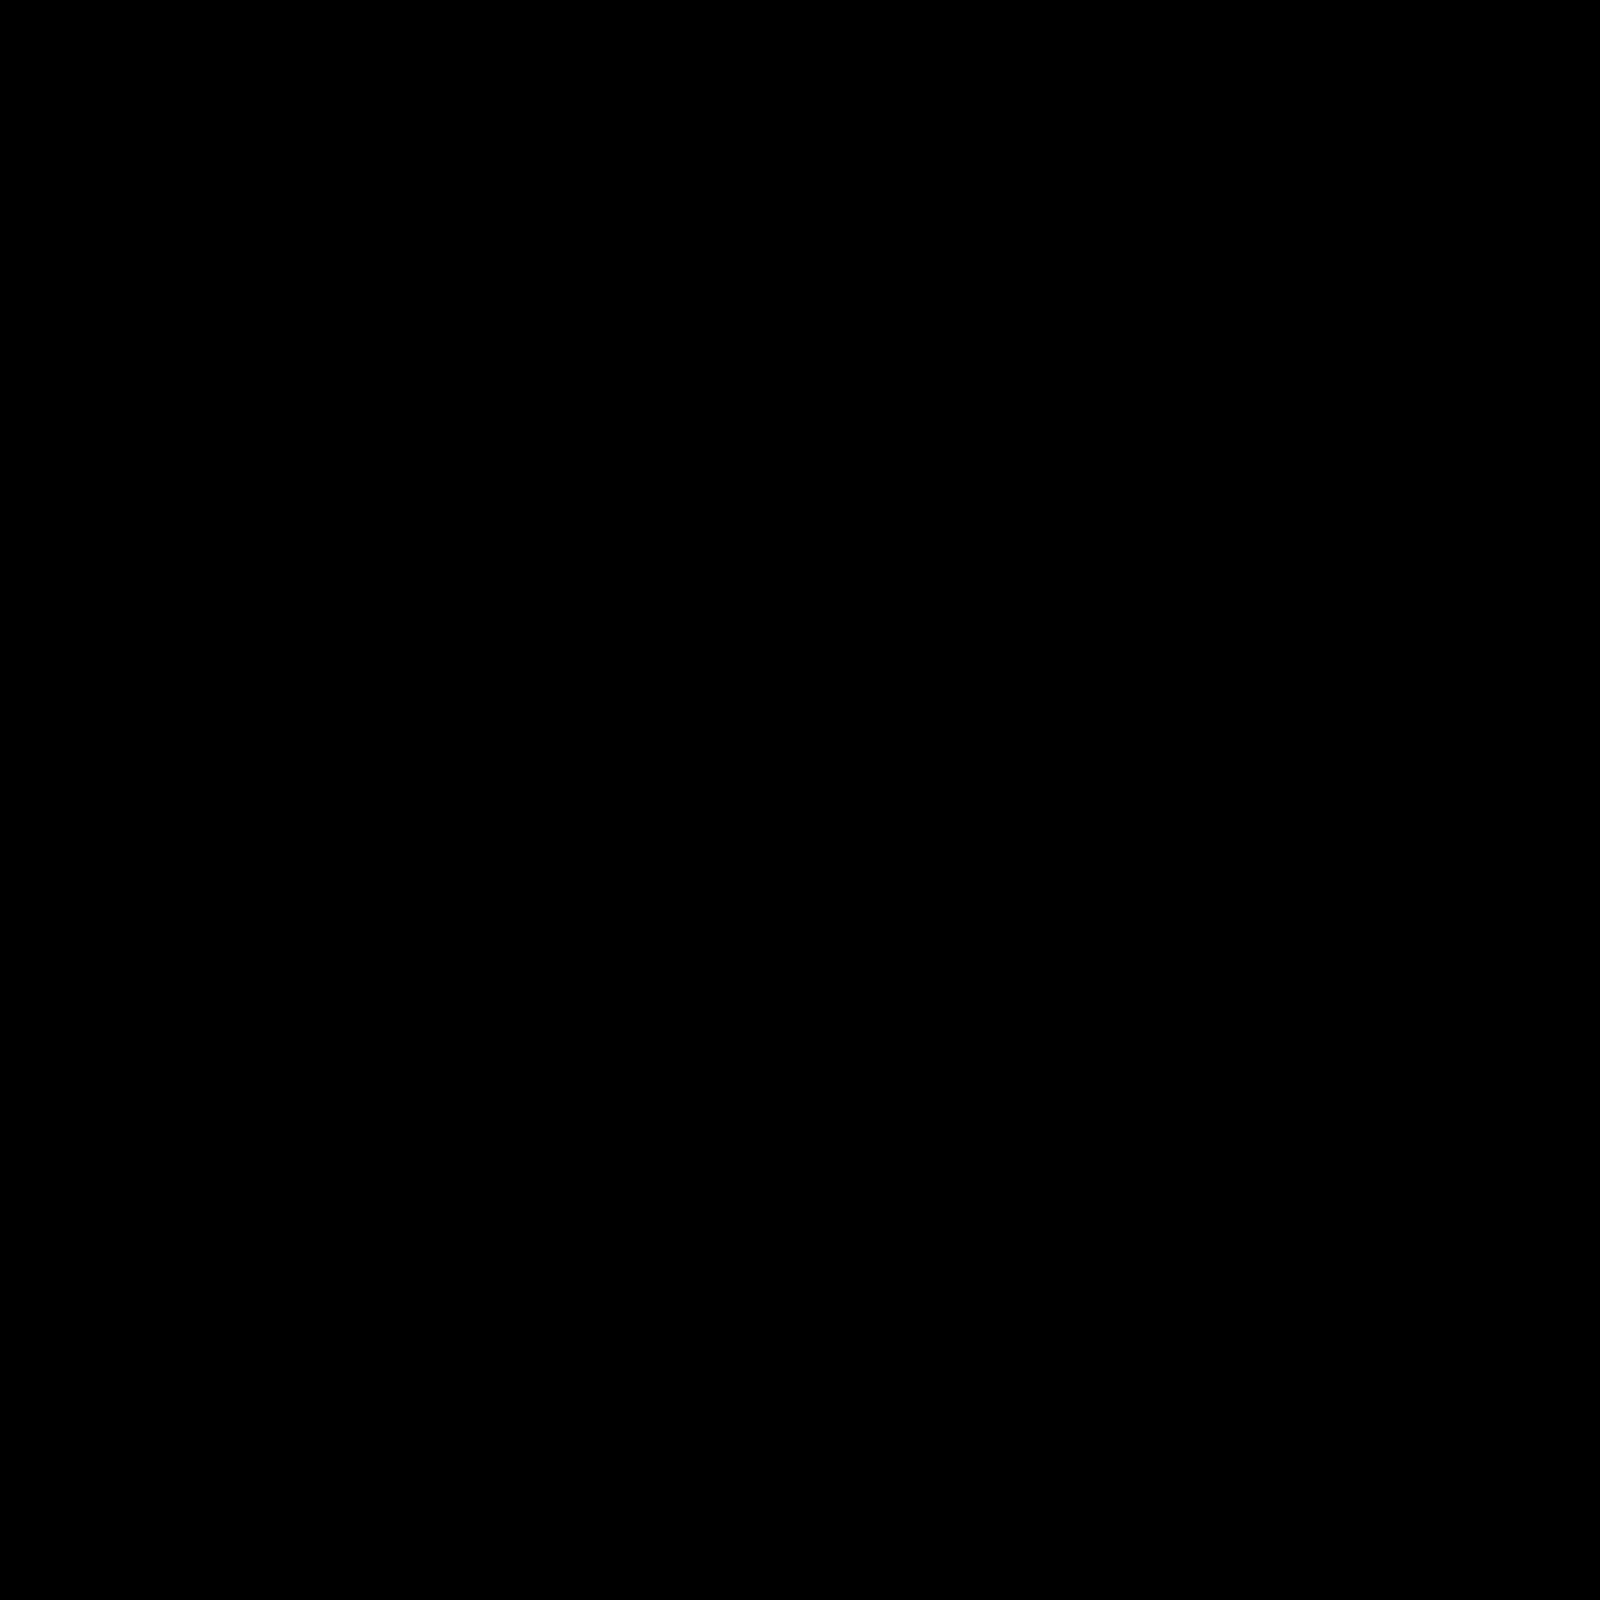 Weighbridge icon